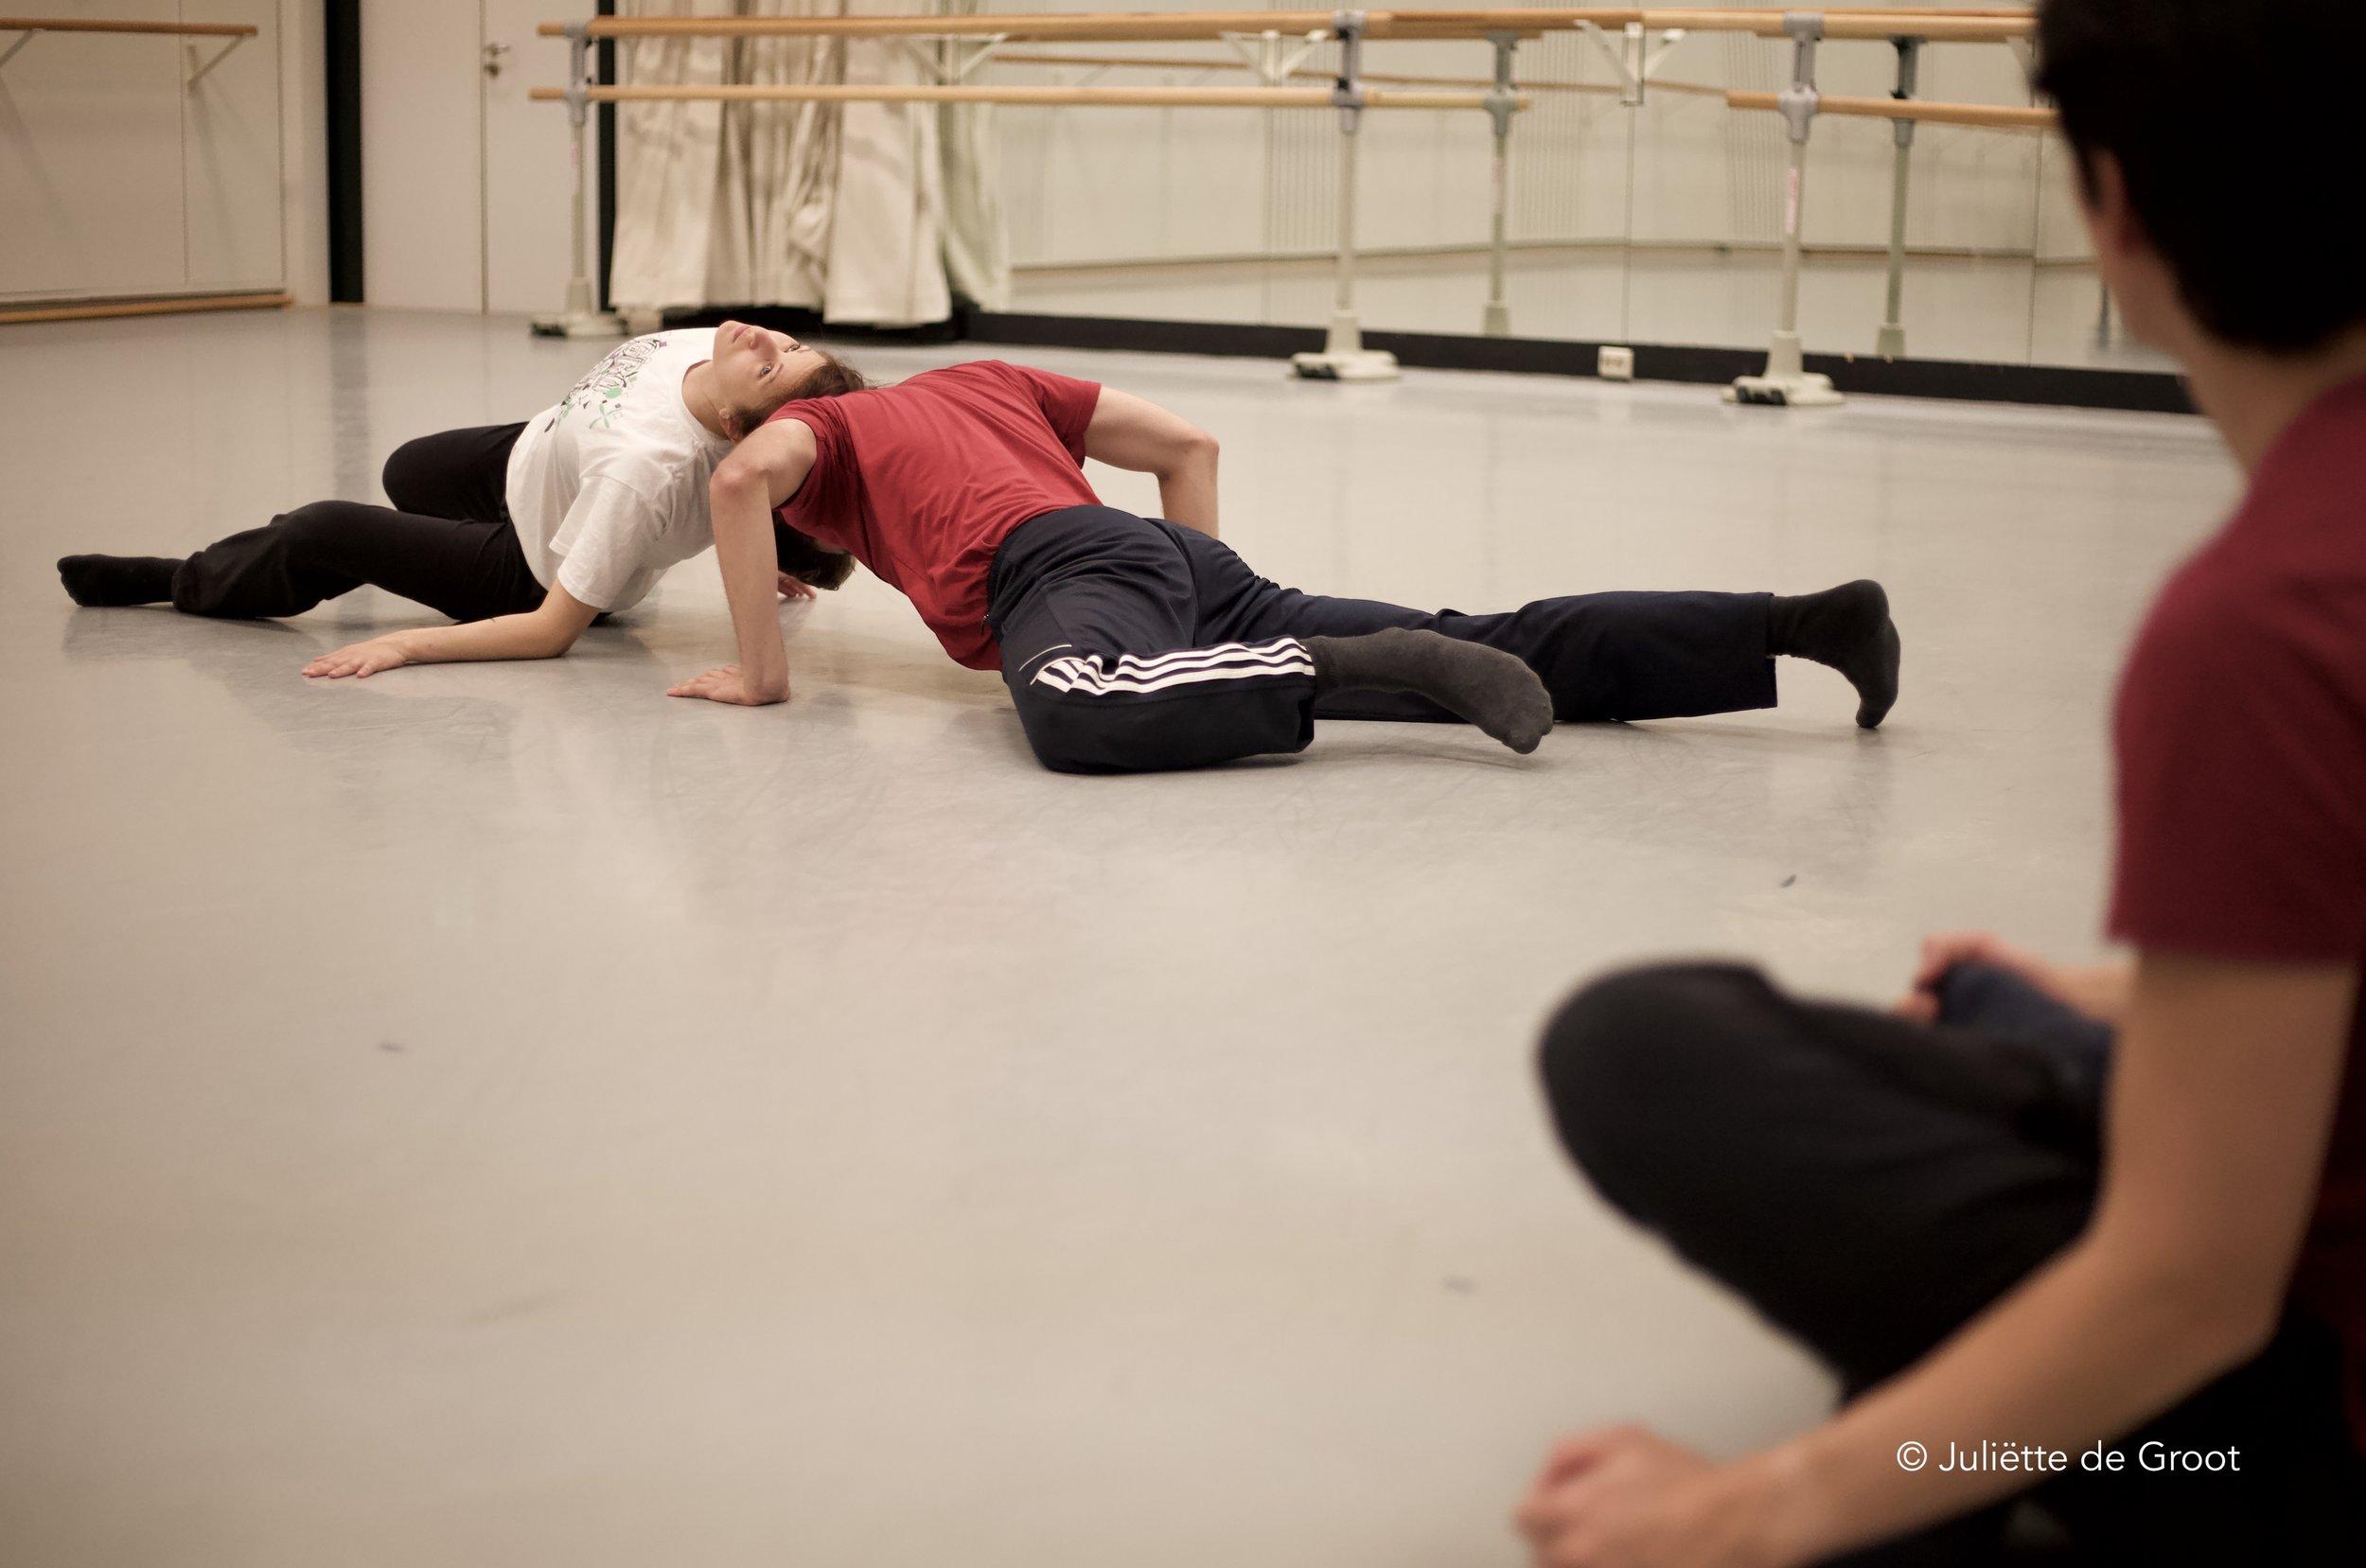 Rehearsal shot ©Juliette de Groot